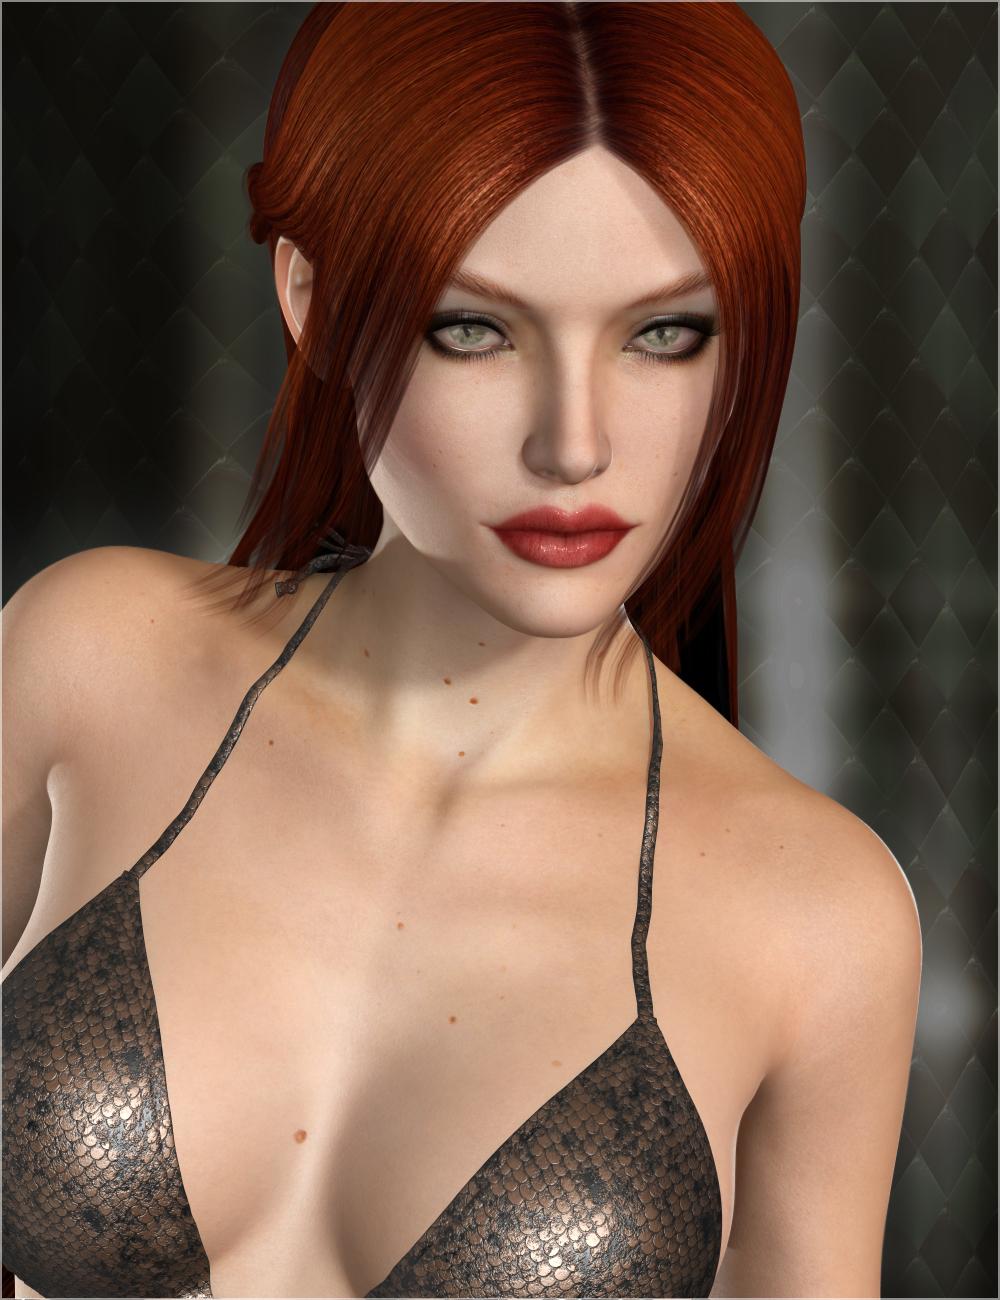 Ava HD for Lilith 6 by: Raiya, 3D Models by Daz 3D